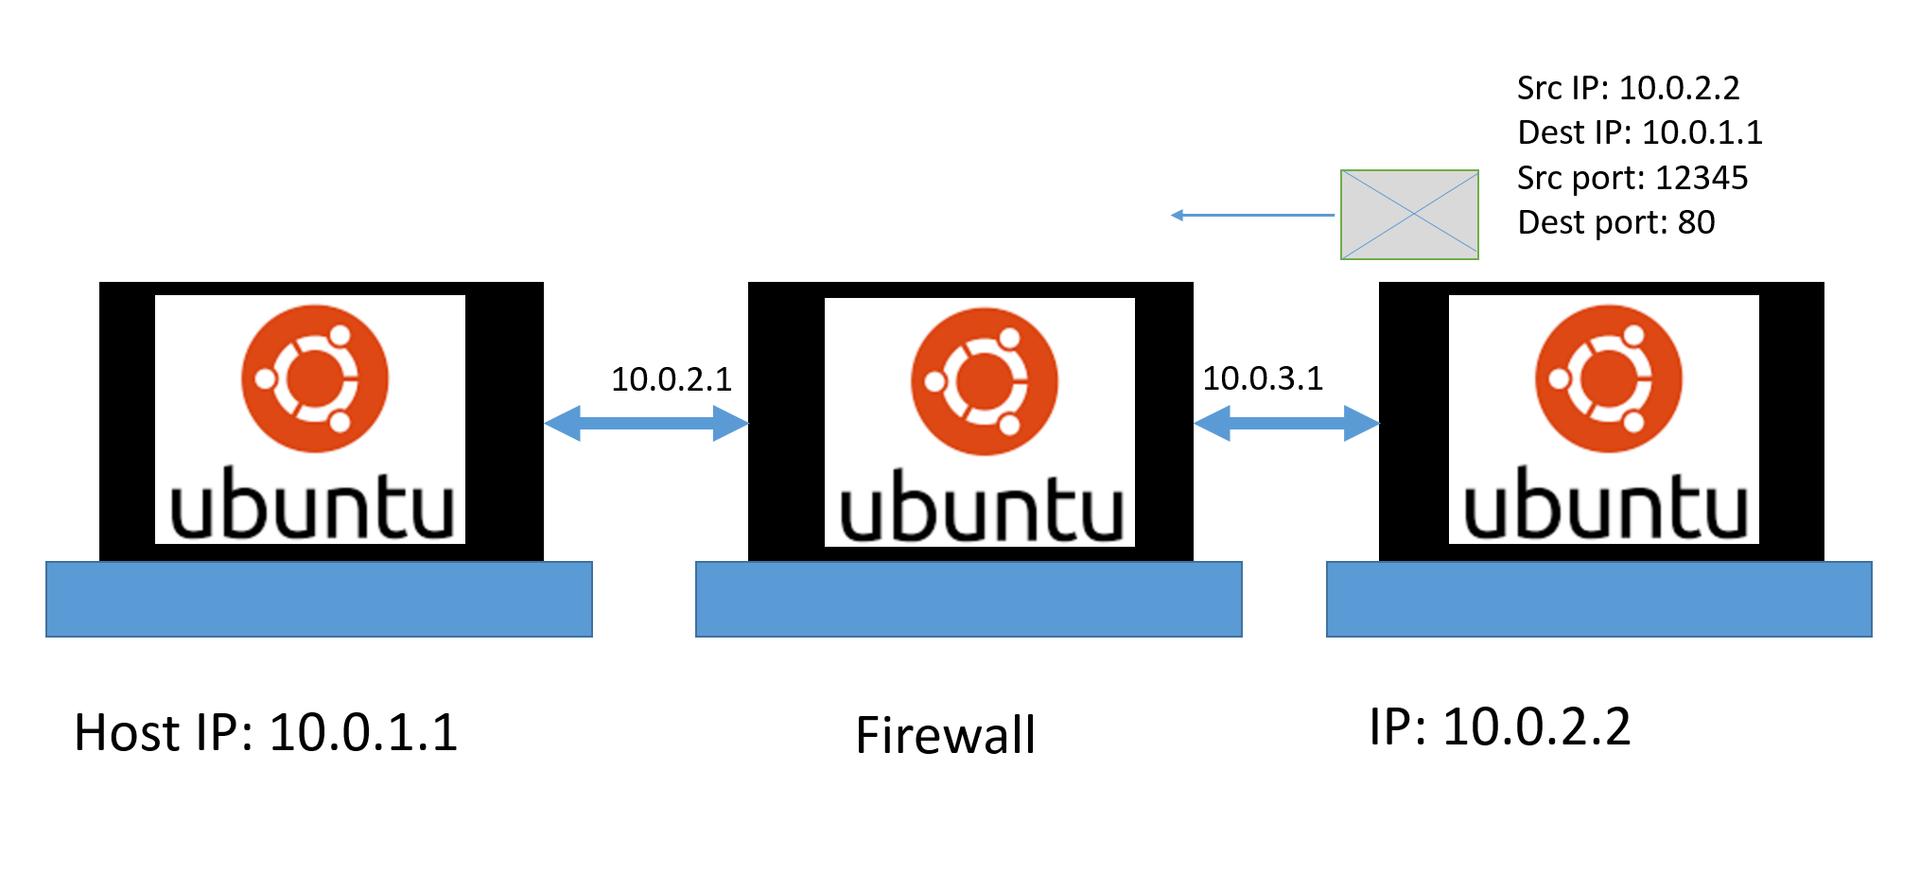 Создание и тестирование Firewall в Linux, Часть 2.1. Введение во вторую часть. Смотрим на сеть и протоколы. Wireshark - 2